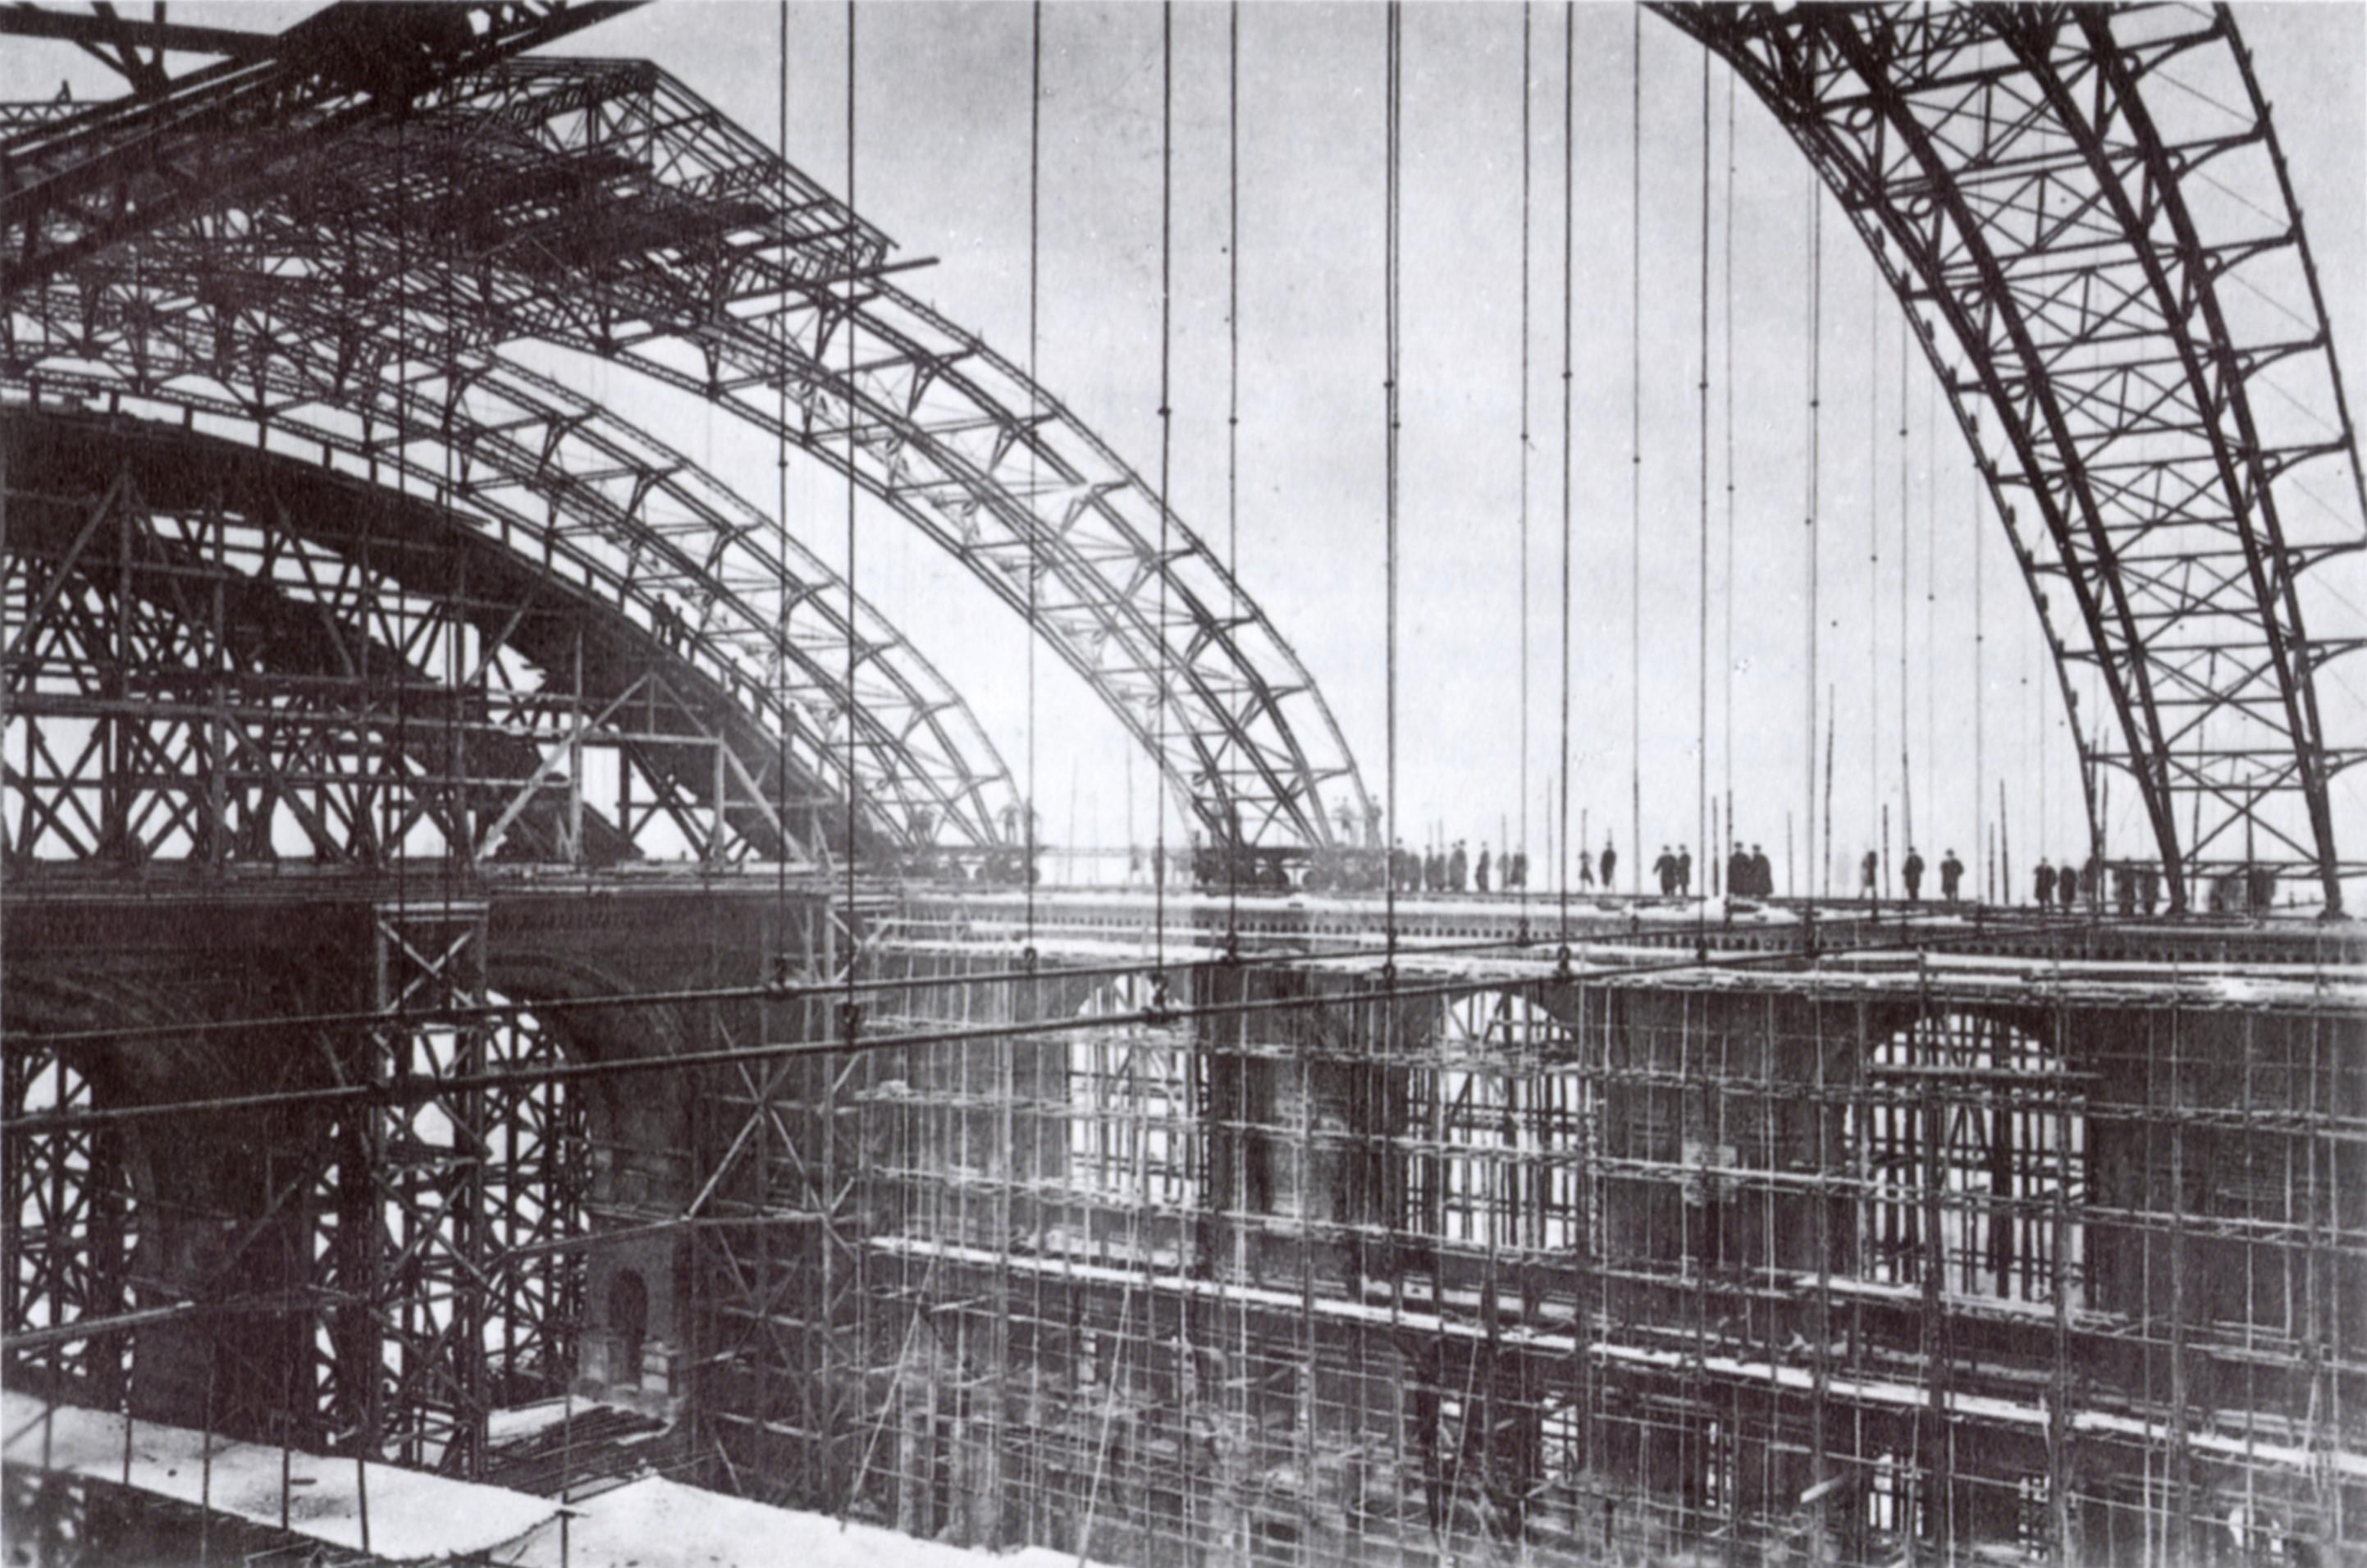 Ho Train Building Plans